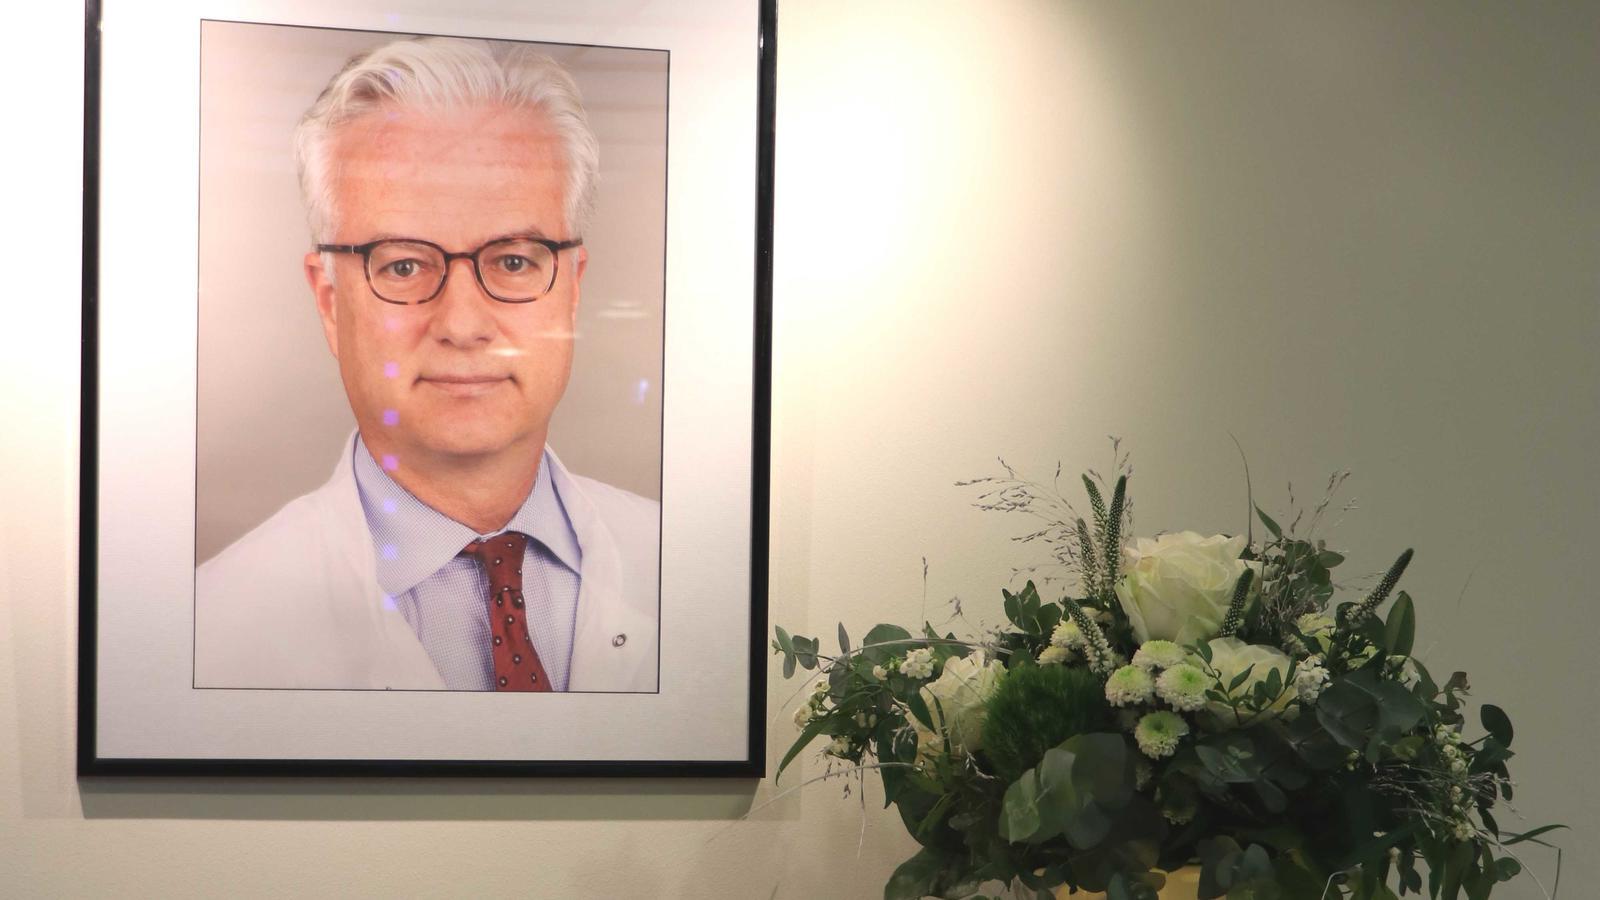 Die Schlosspark-Klinik gedenkt ihrem ehemaligen Kollegen Fritz von Weizsäcker.